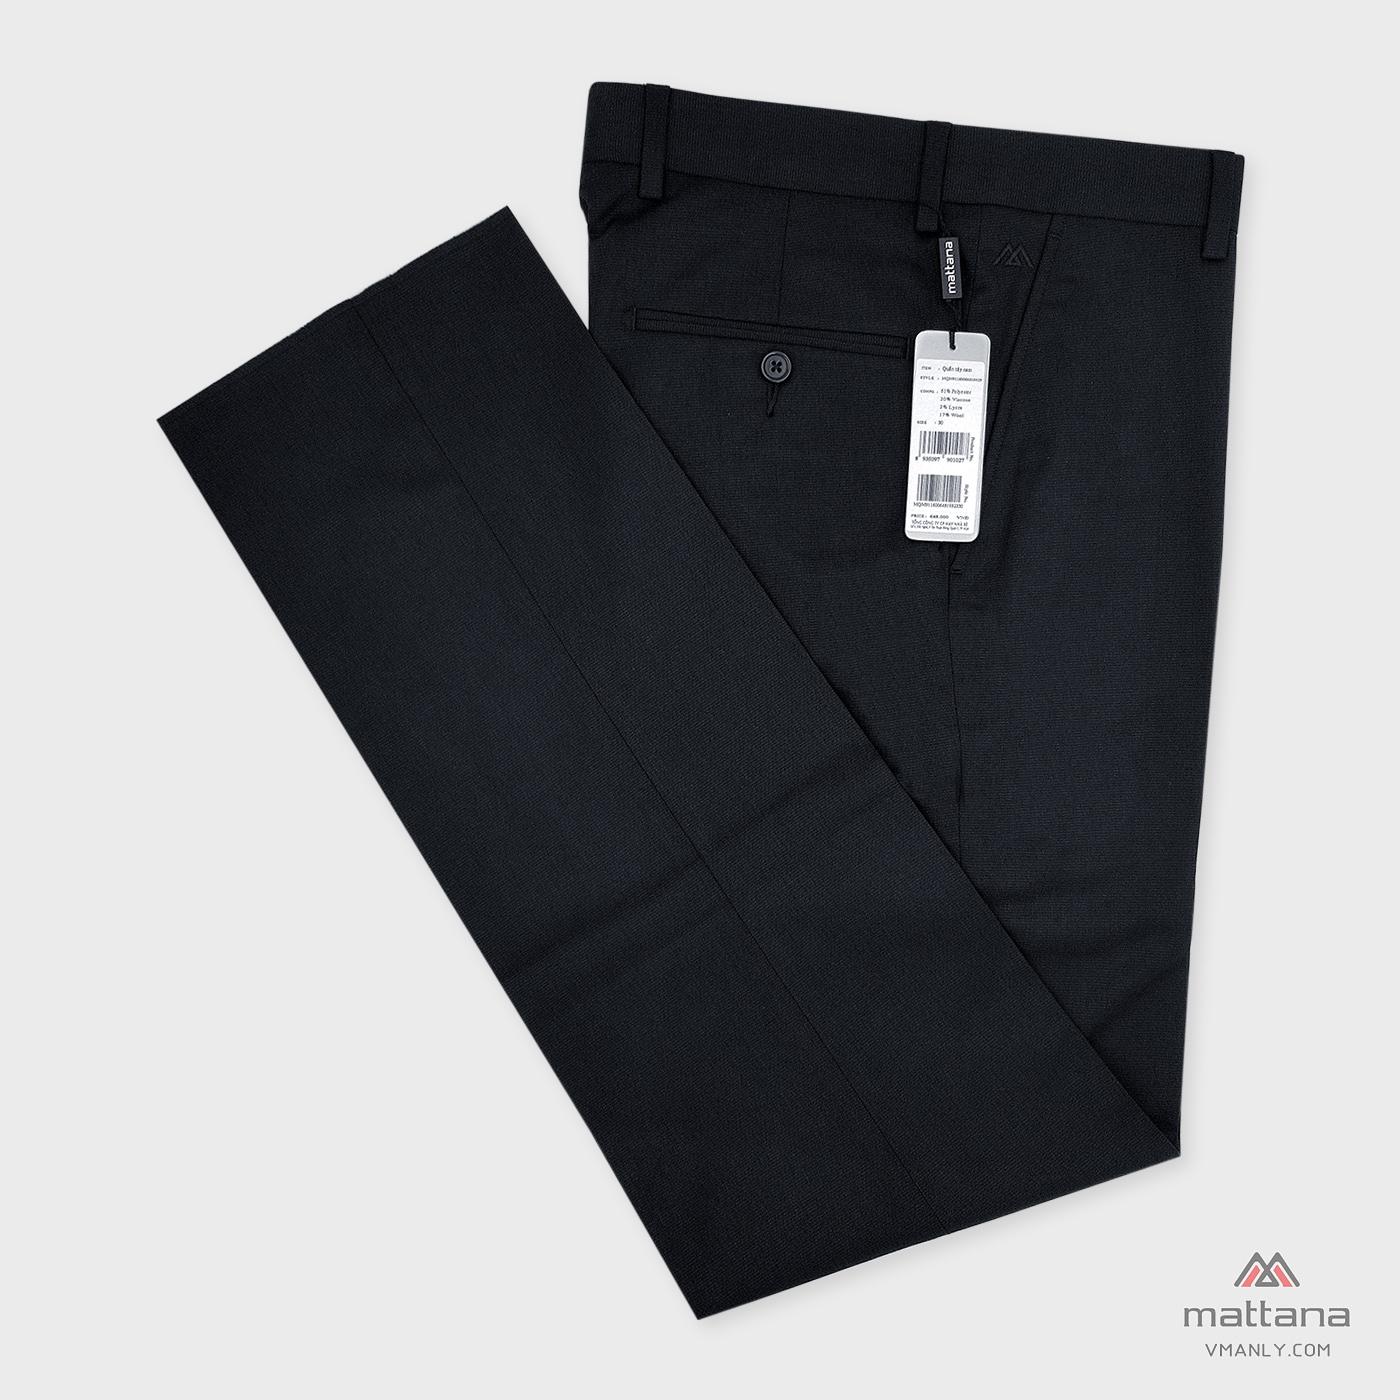 Quần tây Mattana không li classic-fit màu đen MQM91160064519523